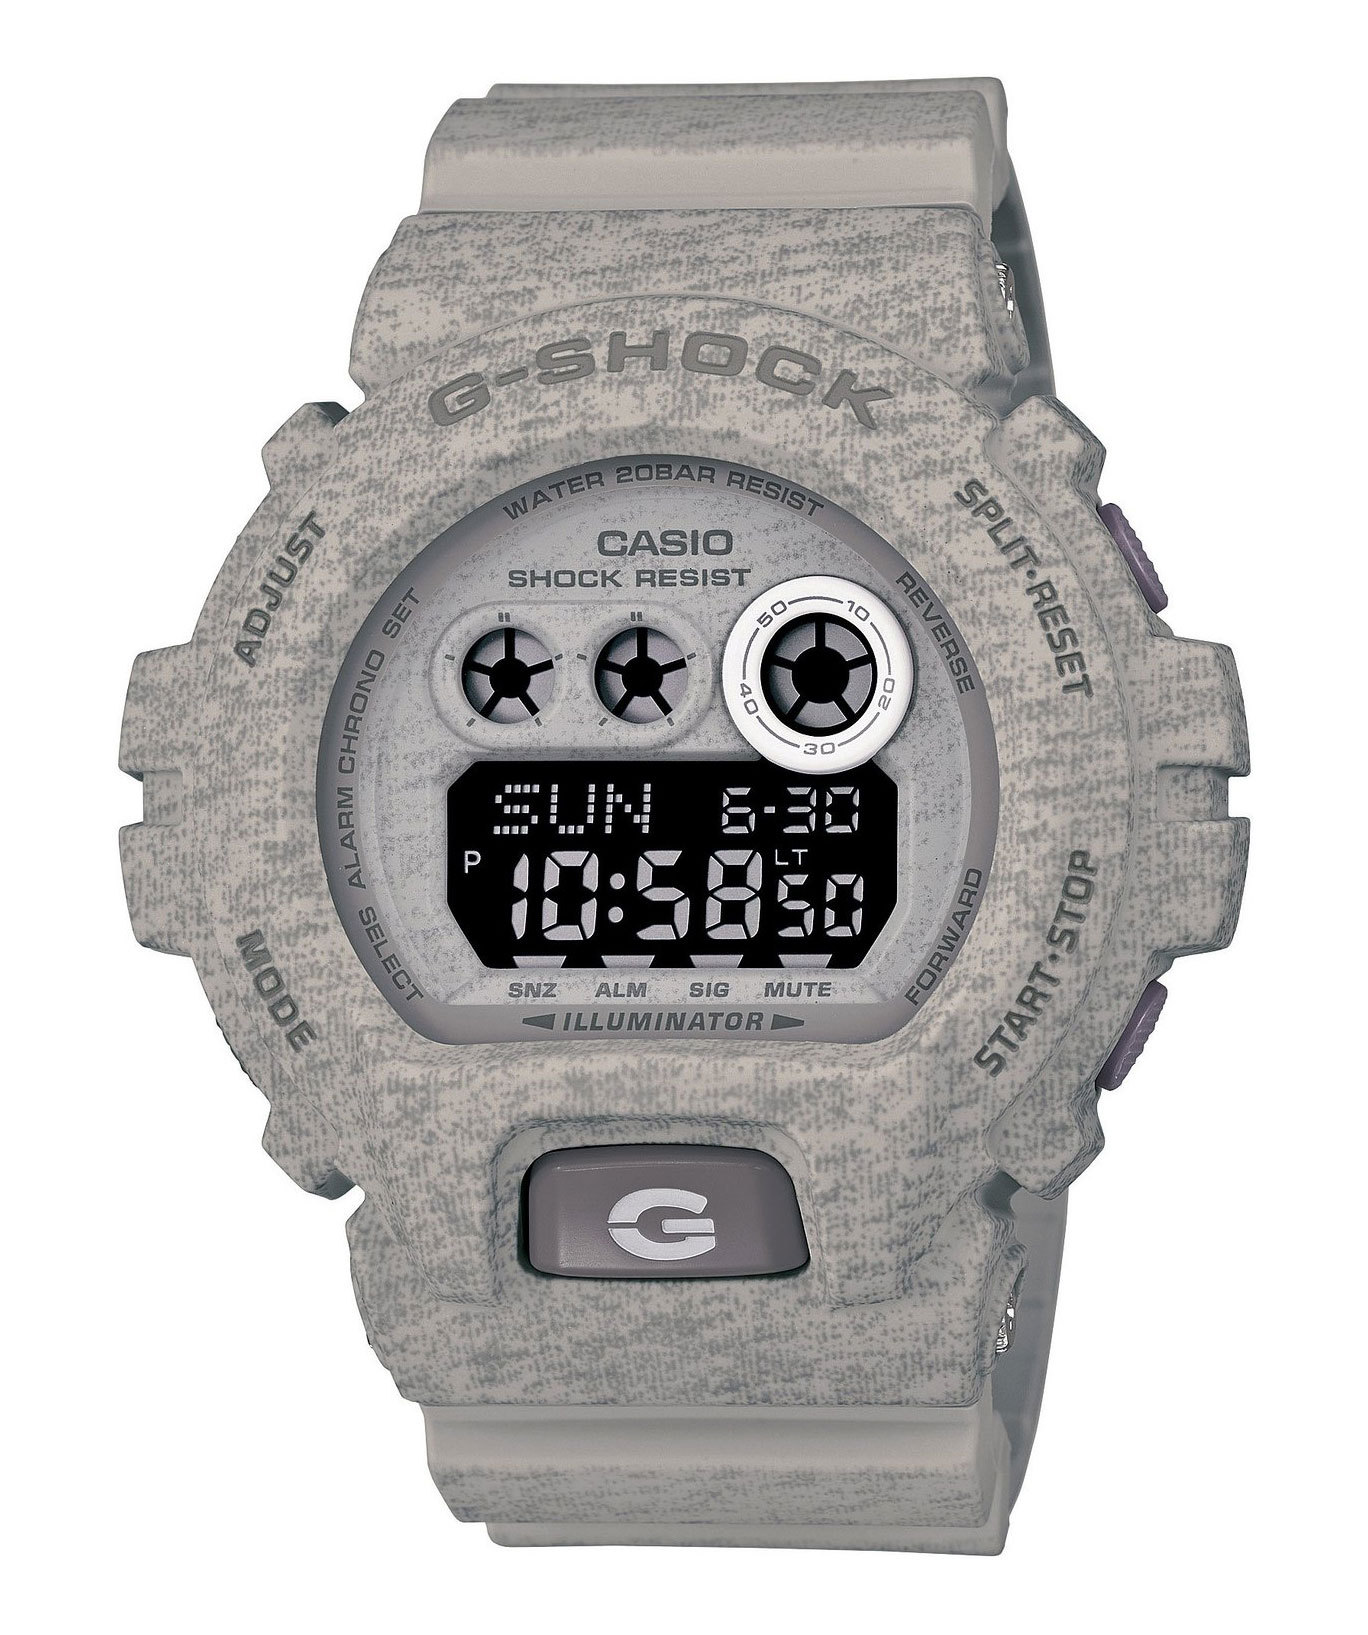 Casio G-SHOCK GD-X6900HT-8E / GD-X6900HT-8ER - мужские наручные часыCasio<br><br><br>Бренд: Casio<br>Модель: Casio GD-X6900HT-8E<br>Артикул: GD-X6900HT-8E<br>Вариант артикула: GD-X6900HT-8ER<br>Коллекция: G-SHOCK<br>Подколлекция: None<br>Страна: Япония<br>Пол: мужские<br>Тип механизма: кварцевые<br>Механизм: None<br>Количество камней: None<br>Автоподзавод: None<br>Источник энергии: от батарейки<br>Срок службы элемента питания: None<br>Дисплей: цифры<br>Цифры: None<br>Водозащита: WR 200<br>Противоударные: есть<br>Материал корпуса: пластик<br>Материал браслета: пластик<br>Материал безеля: None<br>Стекло: минеральное<br>Антибликовое покрытие: None<br>Цвет корпуса: None<br>Цвет браслета: None<br>Цвет циферблата: None<br>Цвет безеля: None<br>Размеры: 53.9x57.5x20.4 мм<br>Диаметр: None<br>Диаметр корпуса: None<br>Толщина: None<br>Ширина ремешка: None<br>Вес: 79 г<br>Спорт-функции: секундомер, таймер обратного отсчета<br>Подсветка: дисплея<br>Вставка: None<br>Отображение даты: вечный календарь, число, месяц, год, день недели<br>Хронограф: None<br>Таймер: None<br>Термометр: None<br>Хронометр: None<br>GPS: None<br>Радиосинхронизация: None<br>Барометр: None<br>Скелетон: None<br>Дополнительная информация: автоподсветка, ежечасный сигнал, повтор сигнала будильника, функция Flash alert, функция включения/отключения звука кнопок; элемент питания CR2032, срок службы батарейки 10 лет<br>Дополнительные функции: второй часовой пояс, будильник (количество установок: 3)